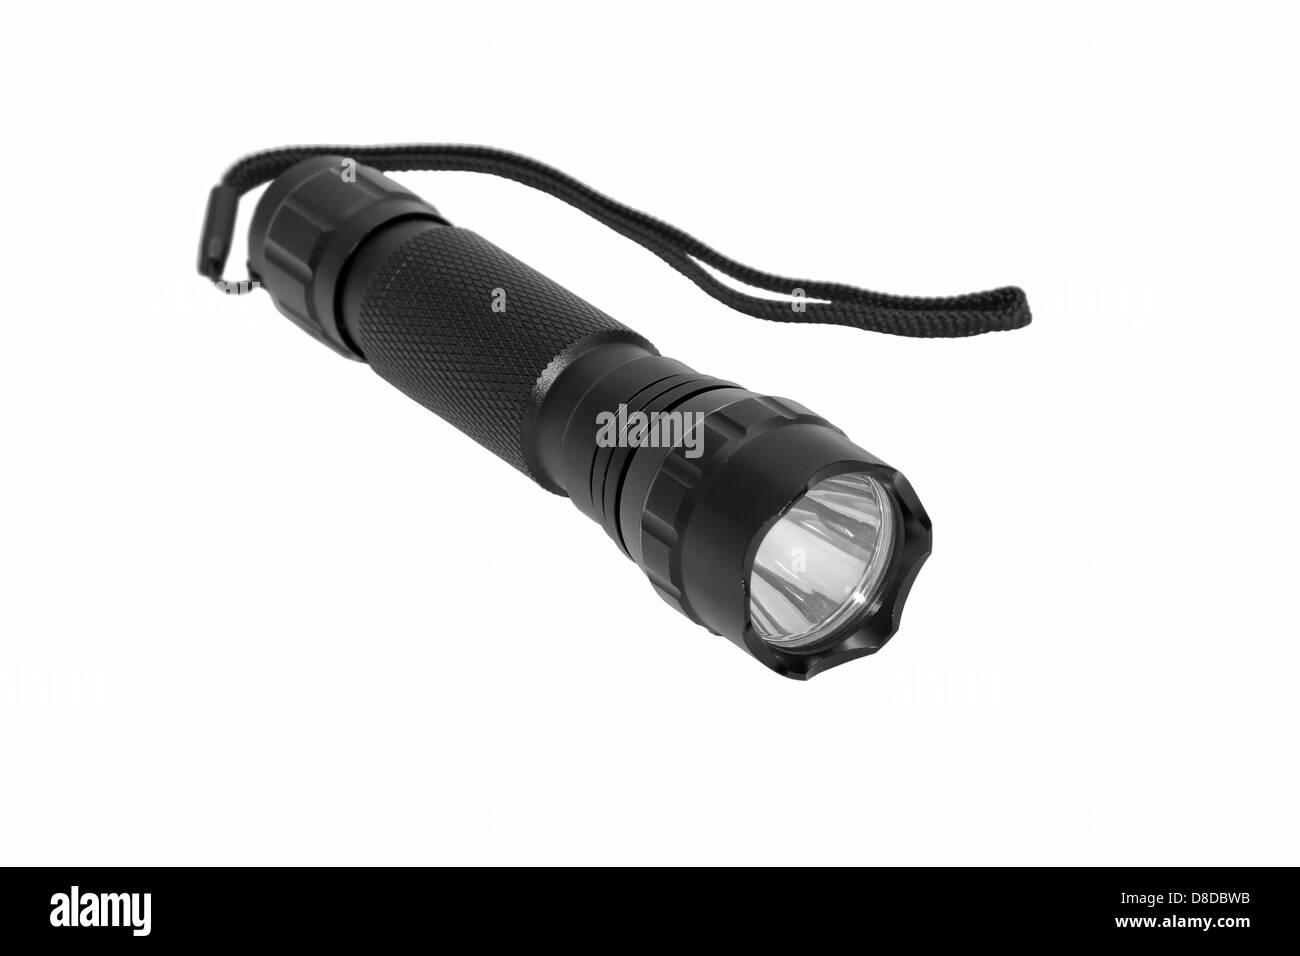 Lampe, isolé, blanc, noir, flash, lampe torche, la puissance, l'outil, lumineux, l'équipement, Photo Stock